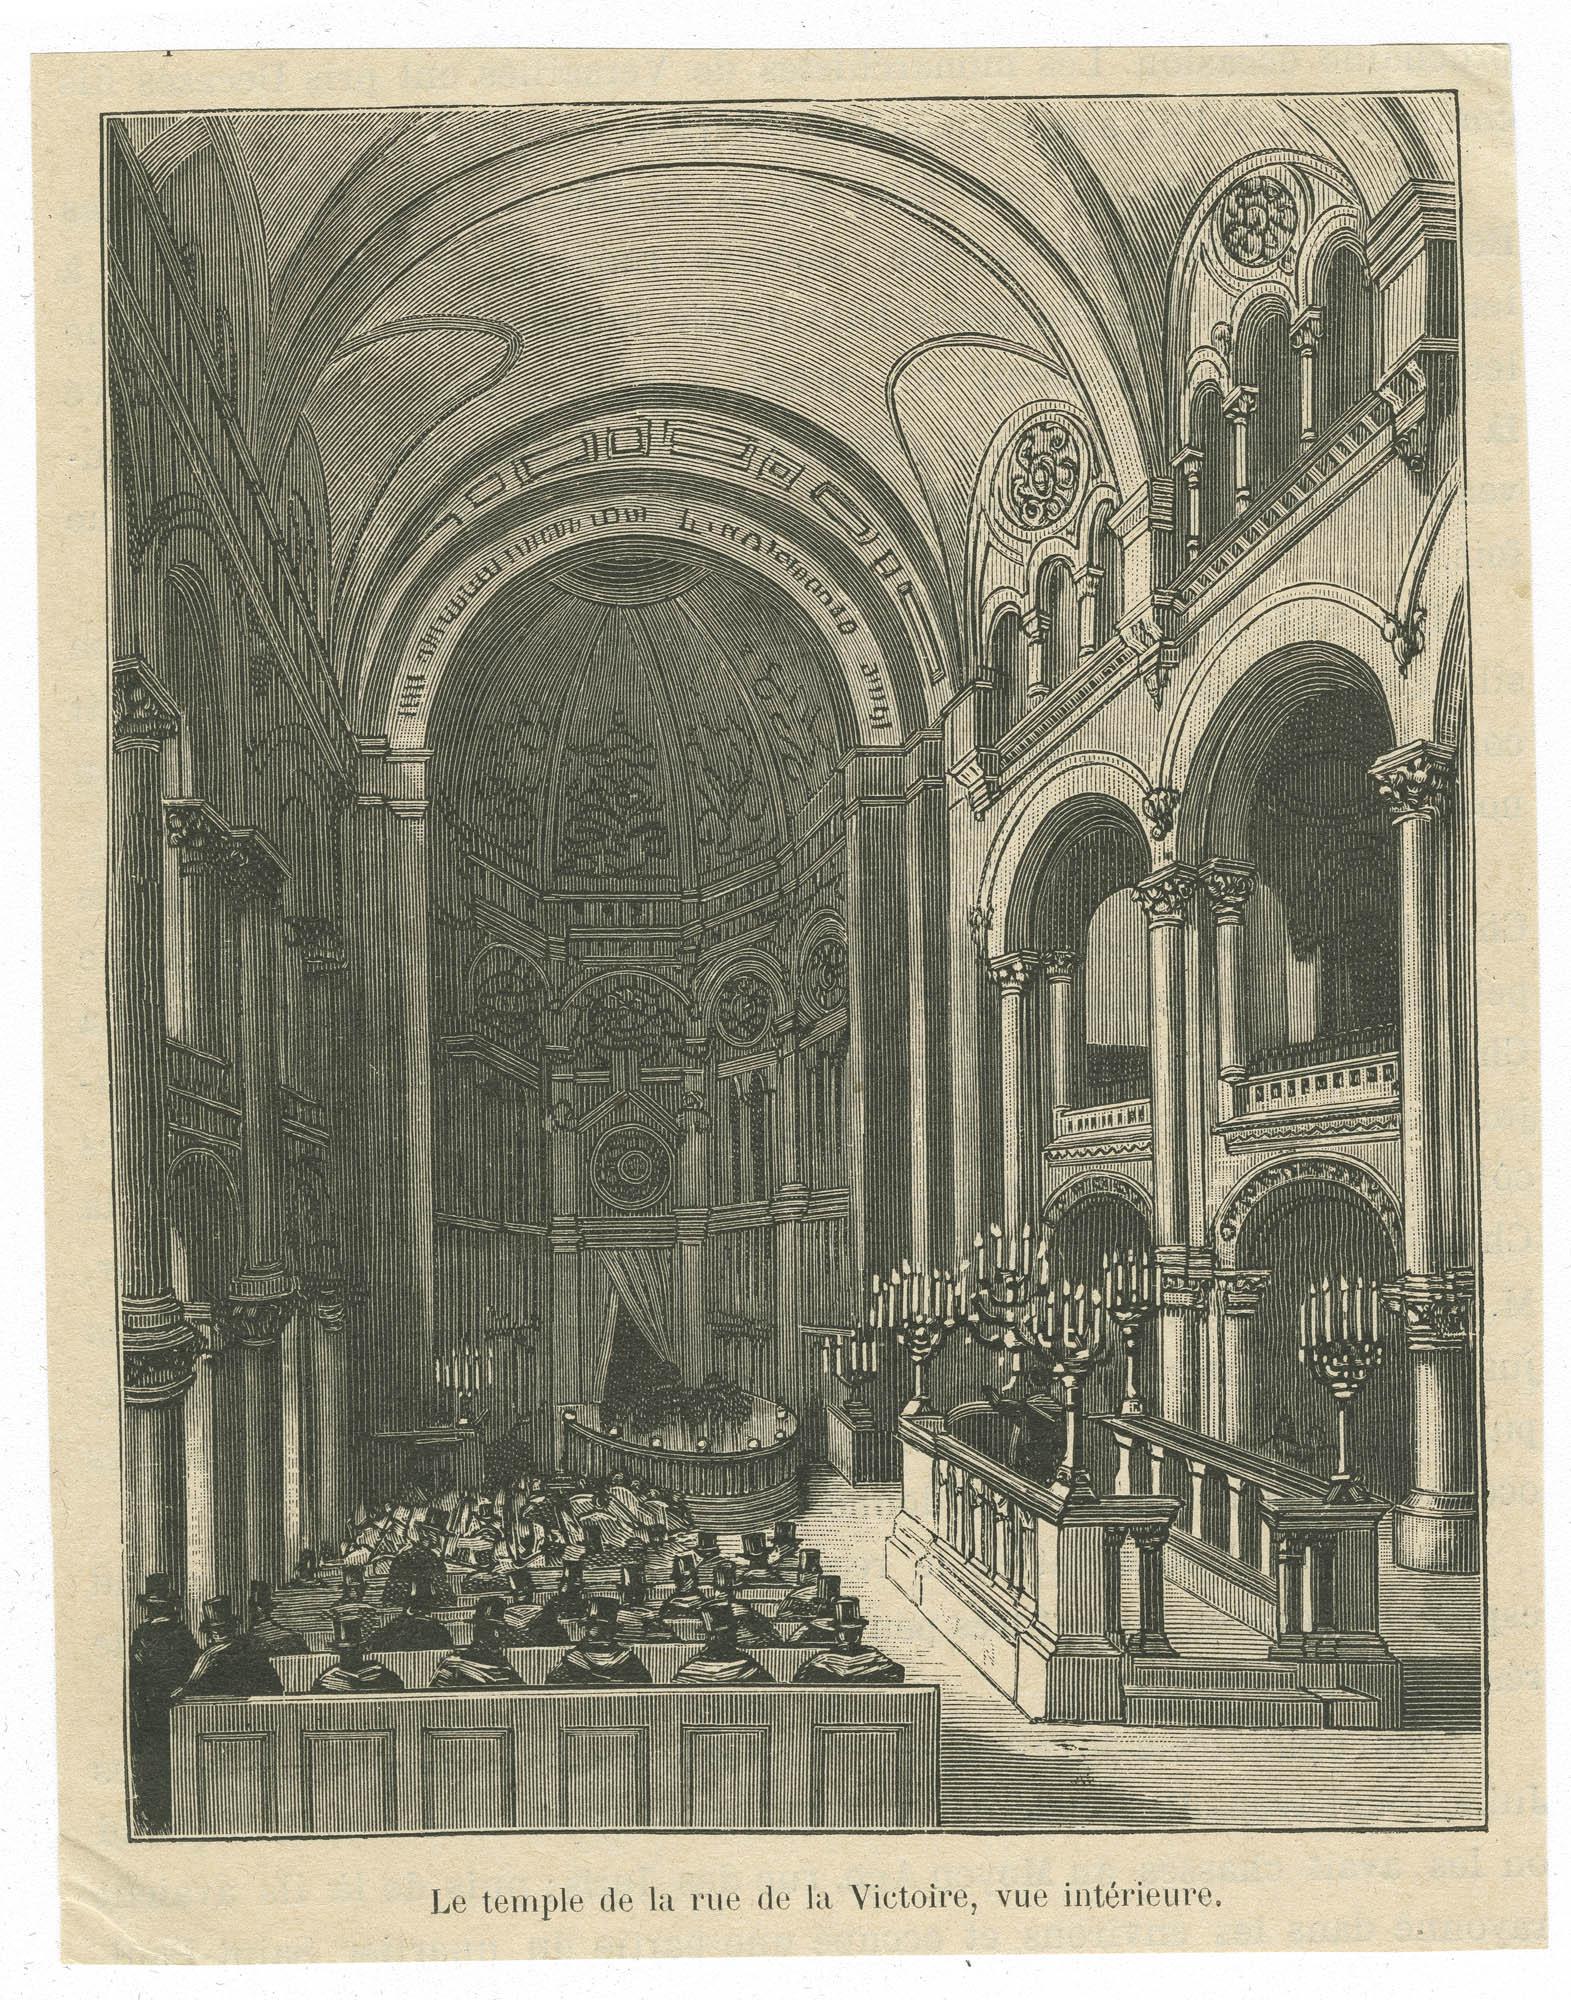 Le temple de la Rue de la Victoire, vue intérieure